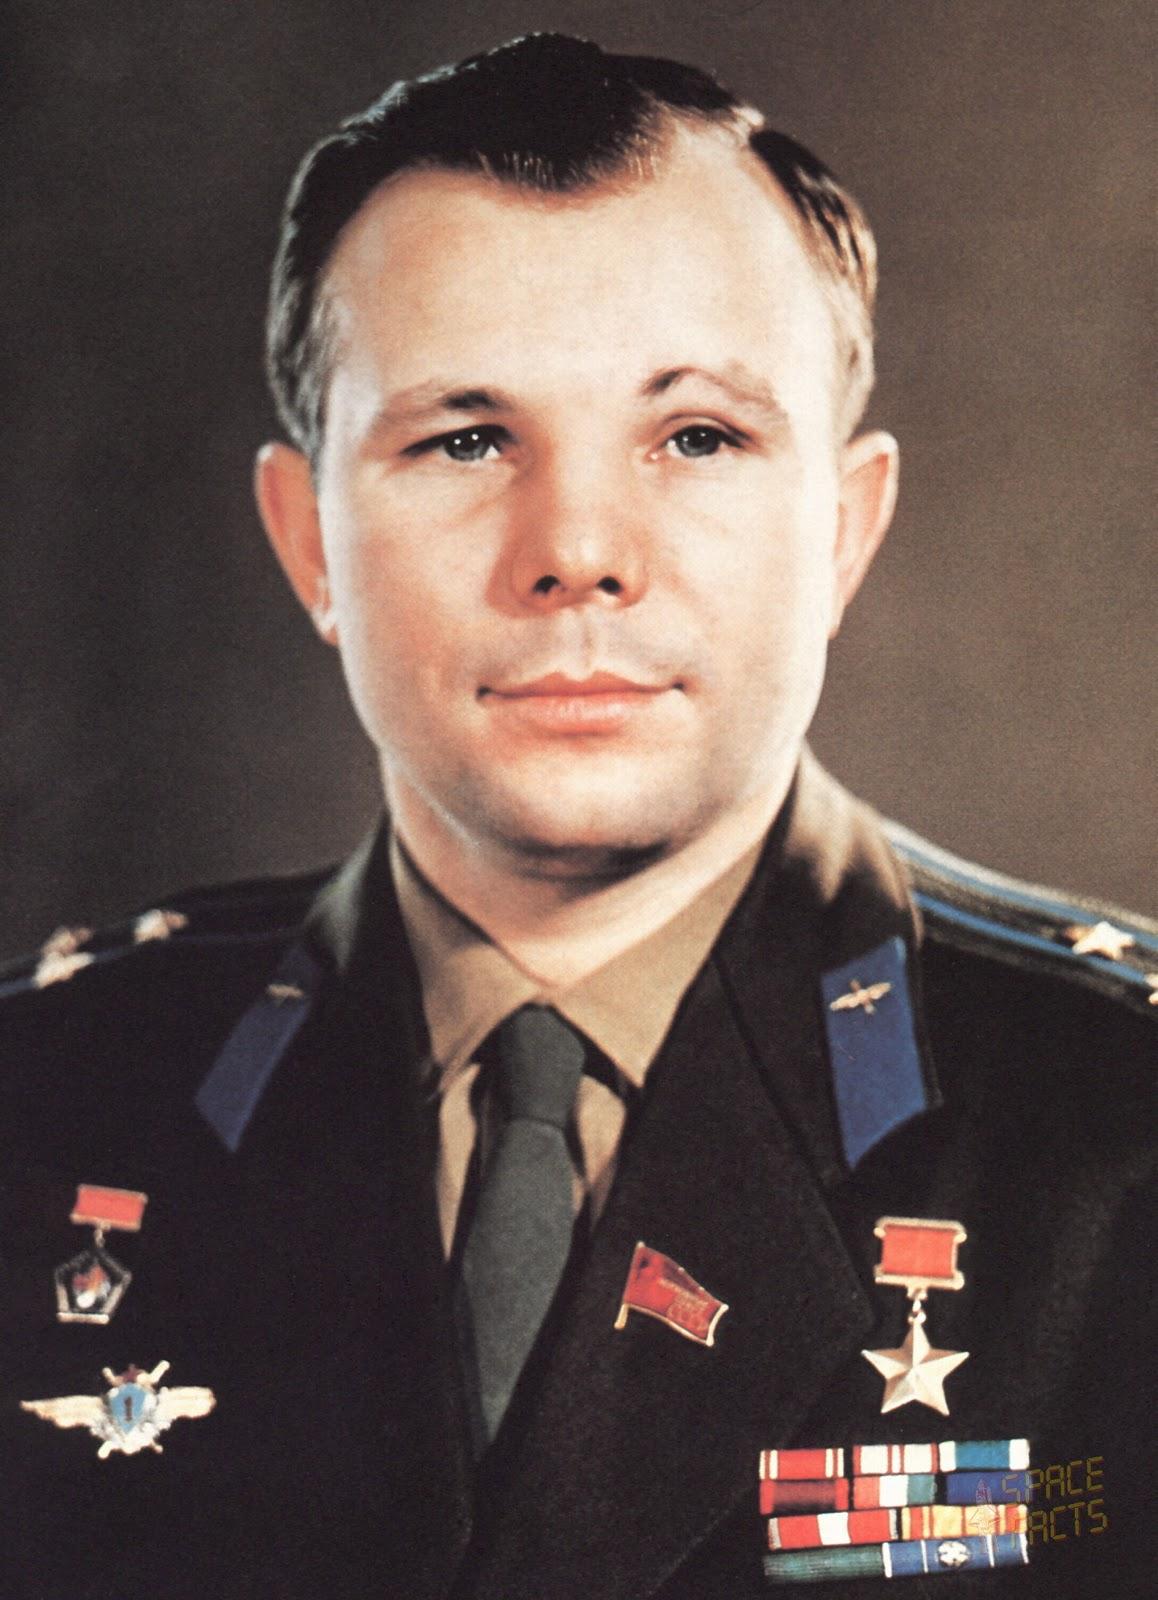 cosmonaut yuri gagarin - photo #10